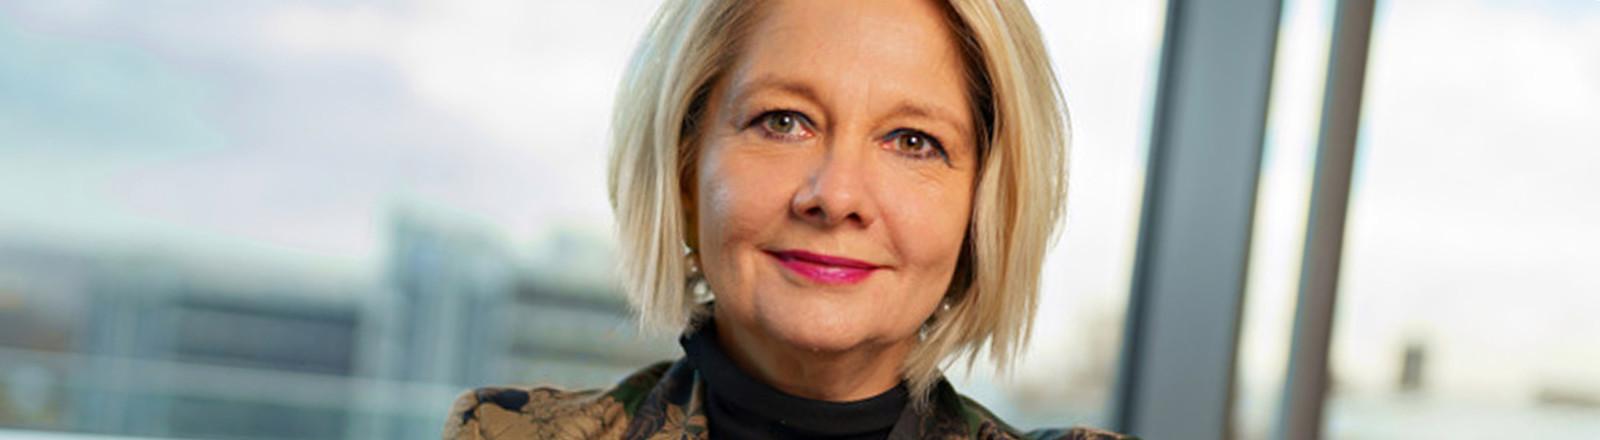 Sie leitet die Fernuniversität Hagen: Ada Pelllert